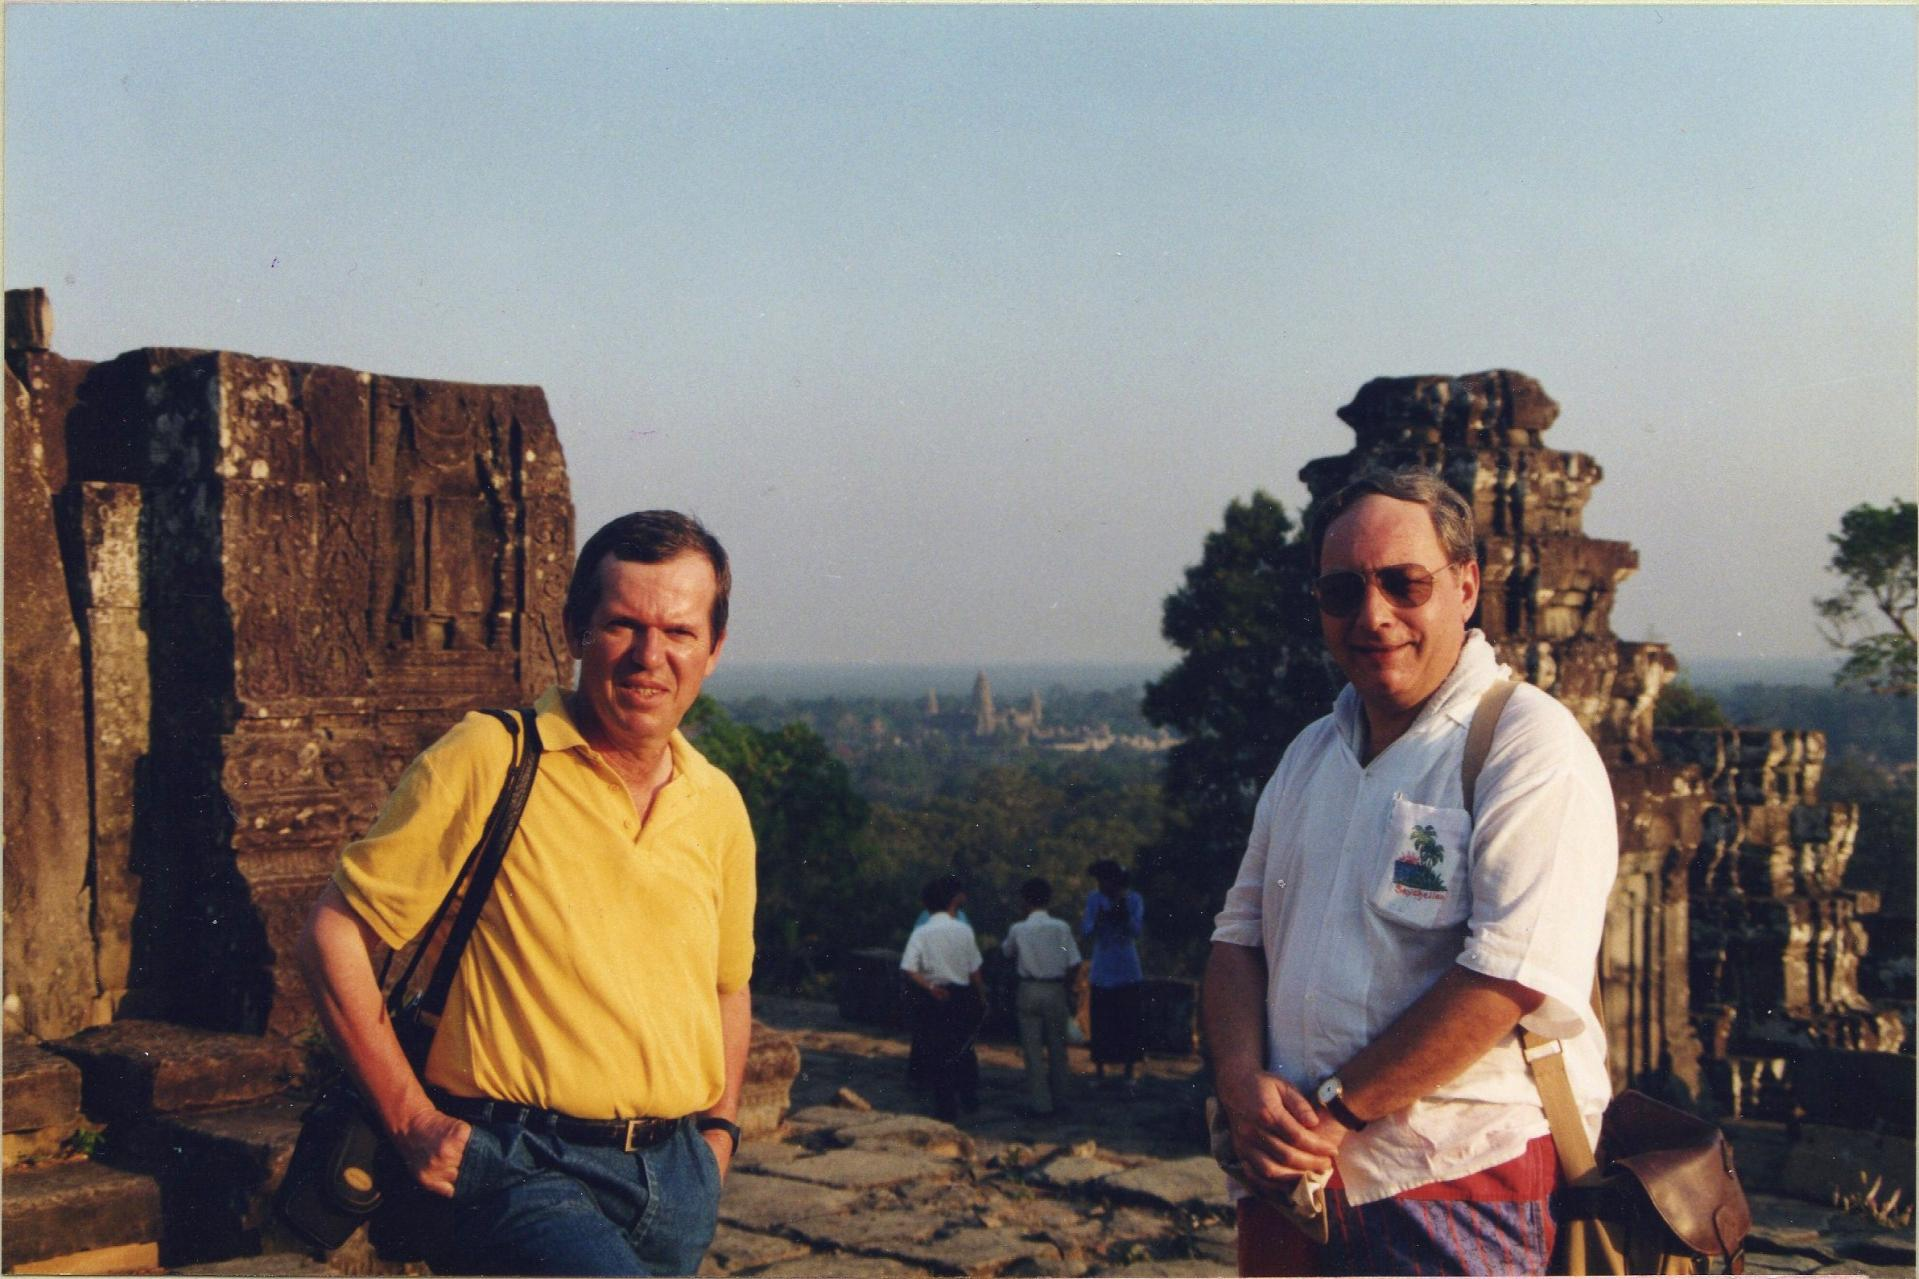 Angkor gallin et moinet fevrier 1996